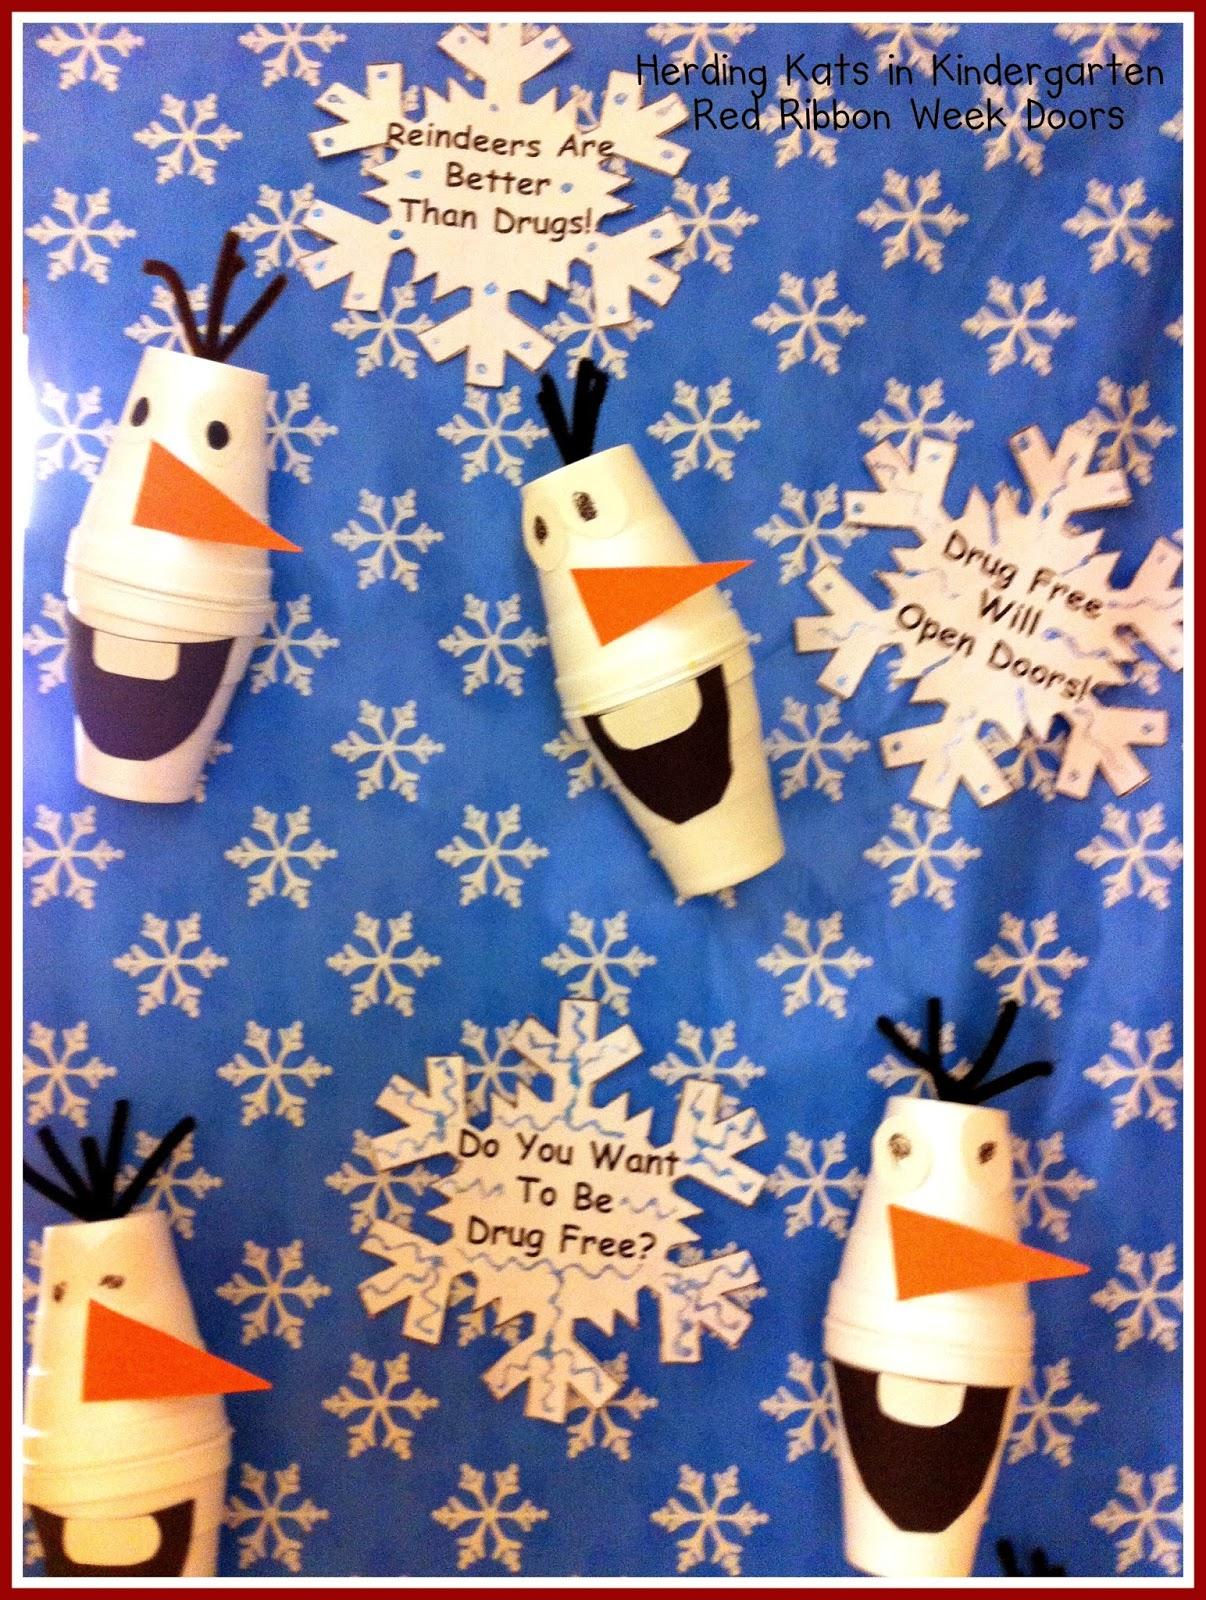 Printable Classroom Winter Decorations ~ Herding kats in kindergarten red ribbon week doors